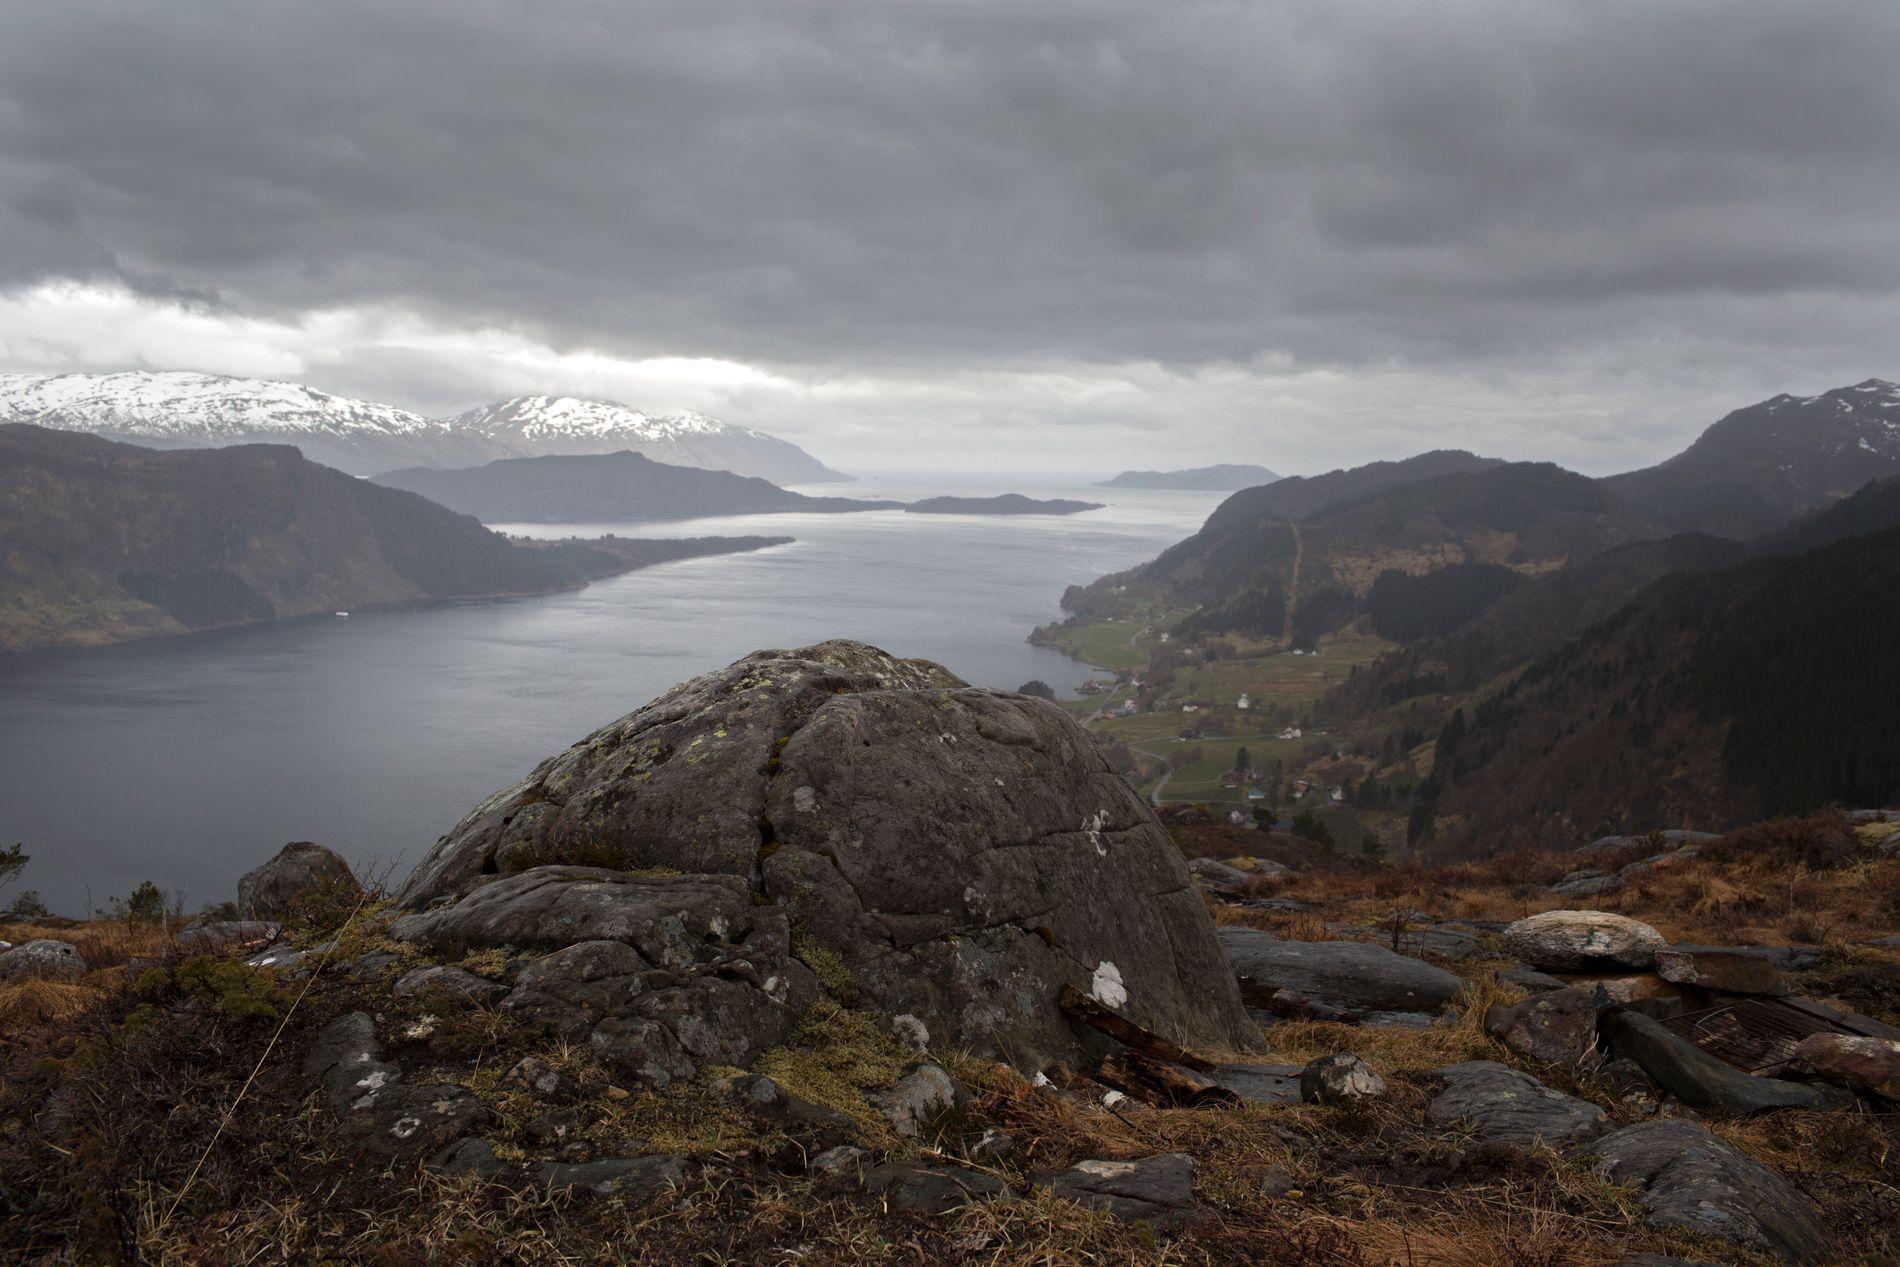 TA GREP: Fem av grunneierne på Engebøfjellet har startet selskapet Artic Mineral Resources (AMR), og de fem sitter på rettighetene til å utvinne granat. Nå håper jeg regjeringen vil ta grep og redde fjorden, skriver Reidar Staalesen.